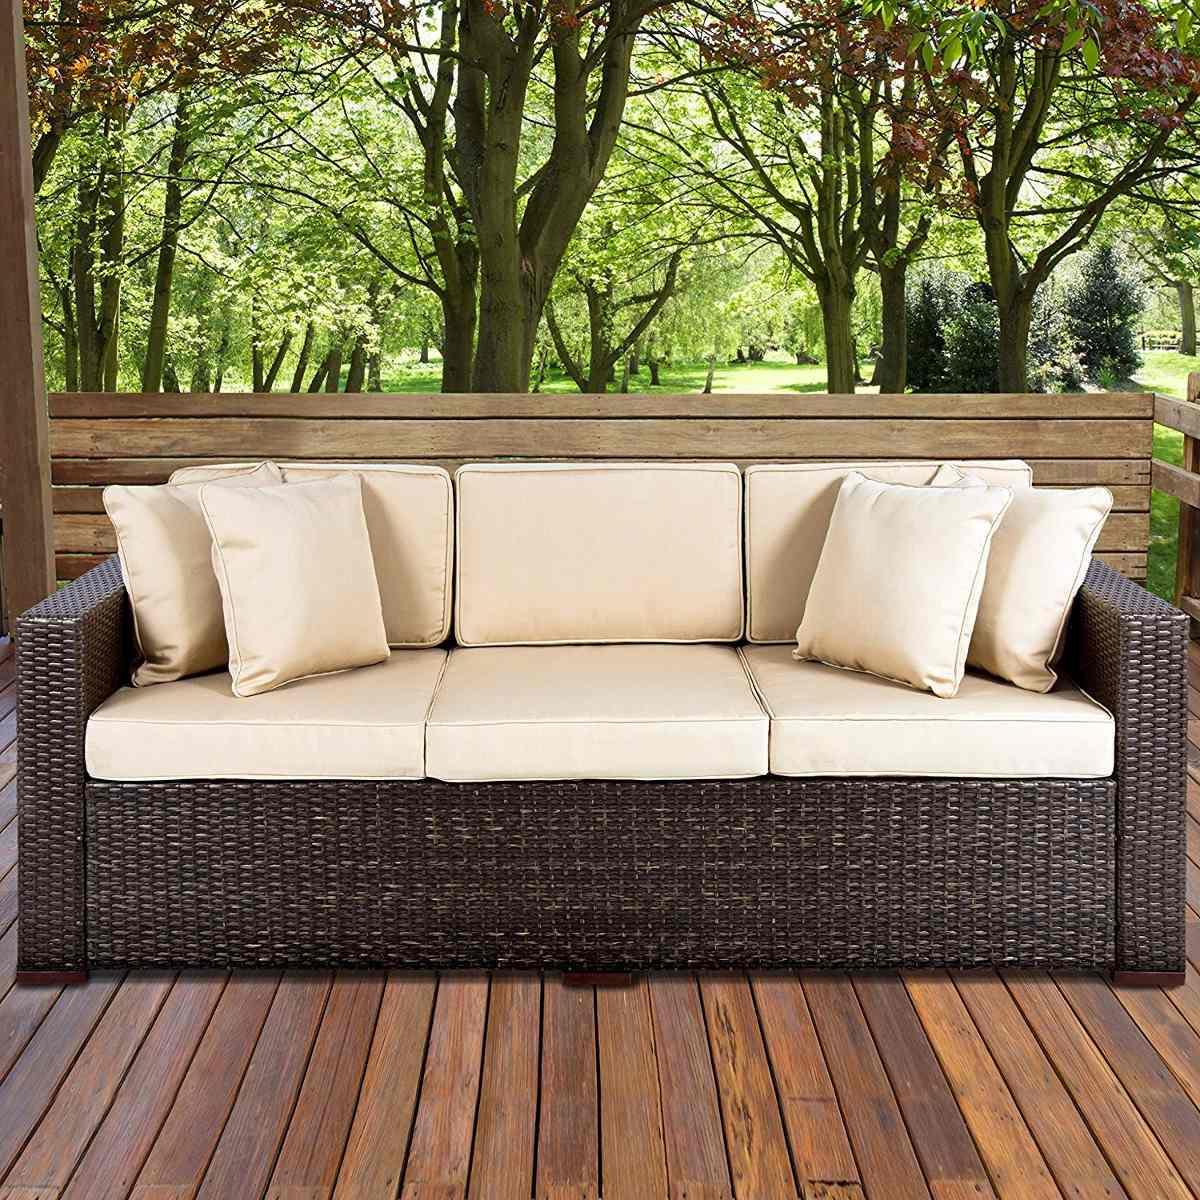 Sofa Mimbre Etdg sofa De 3 Plazas Exterior En Mimbre